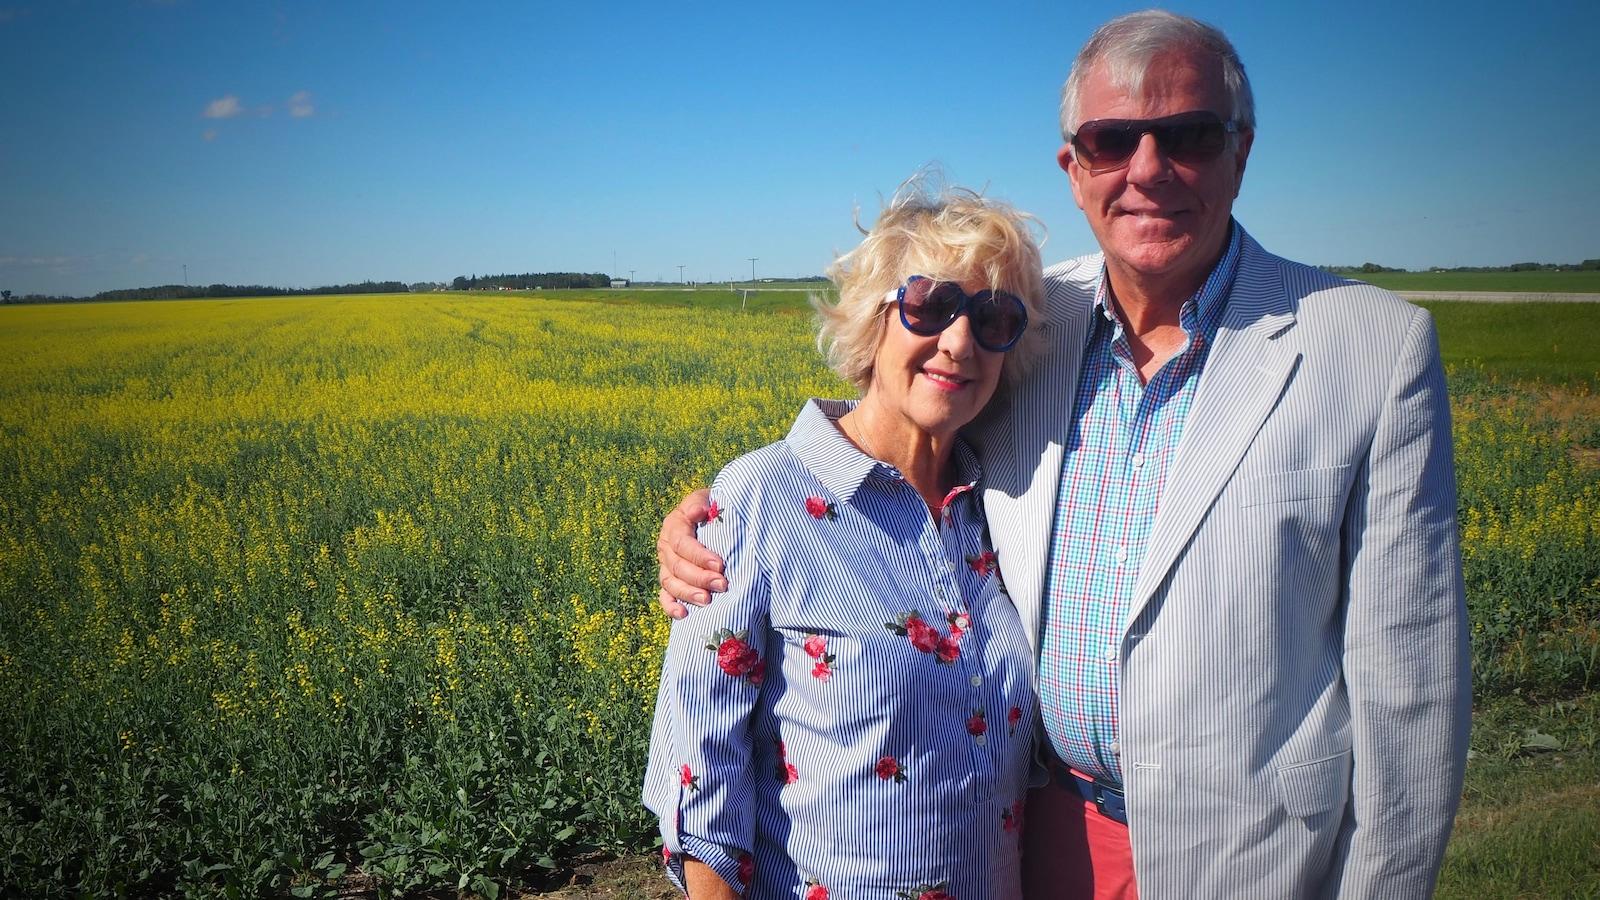 Le couple pose devant un champ.